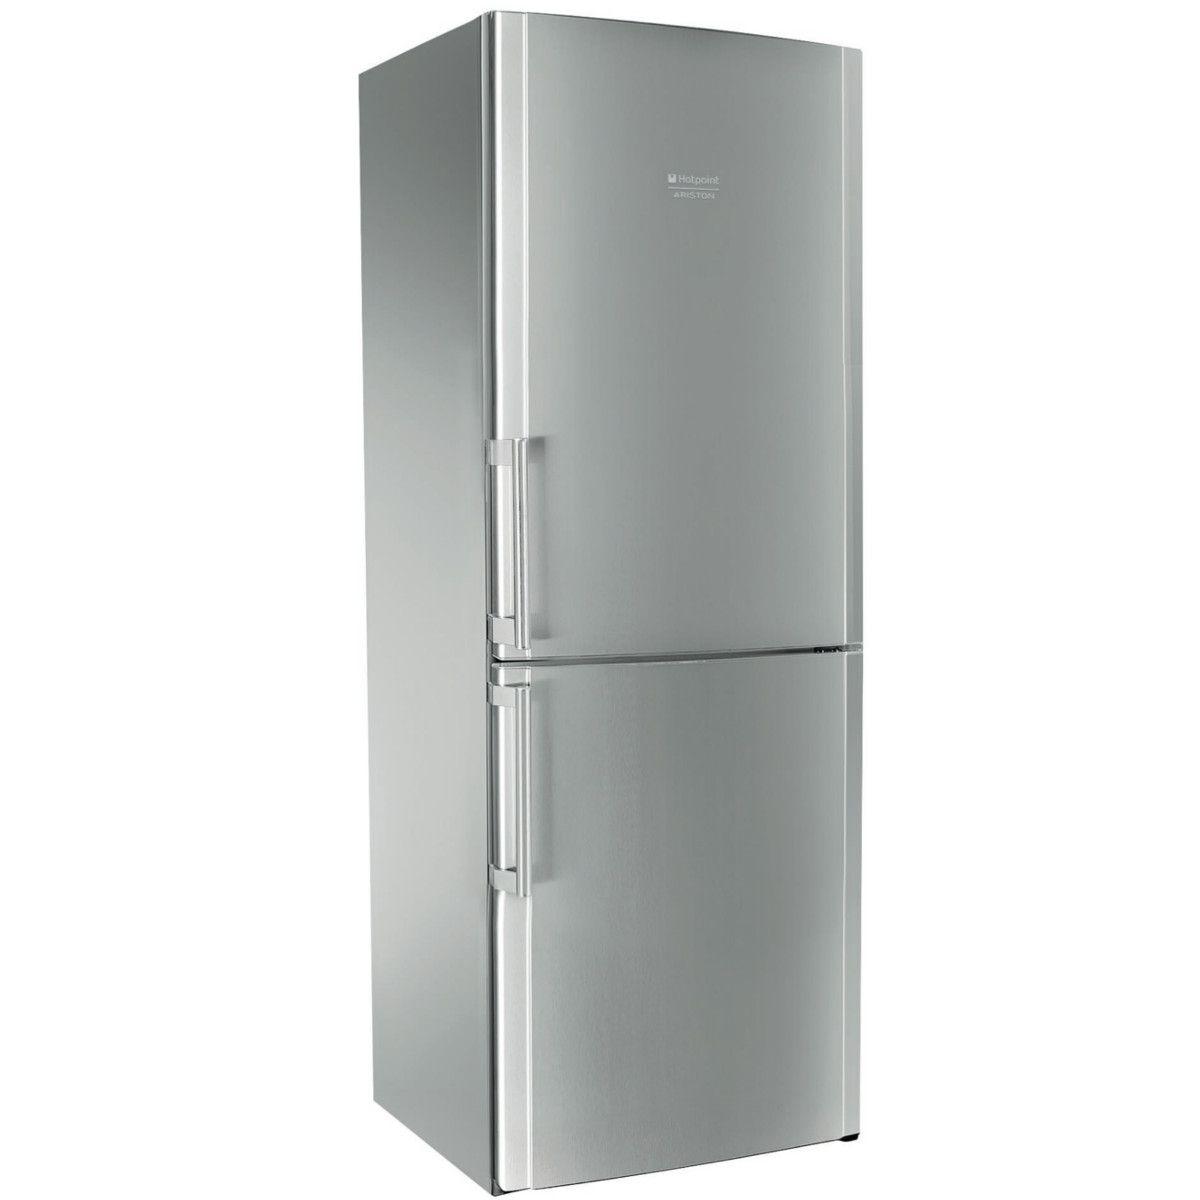 Réfrigérateur combiné ENBLH 19221 FW, 450 L, Froid No Frost